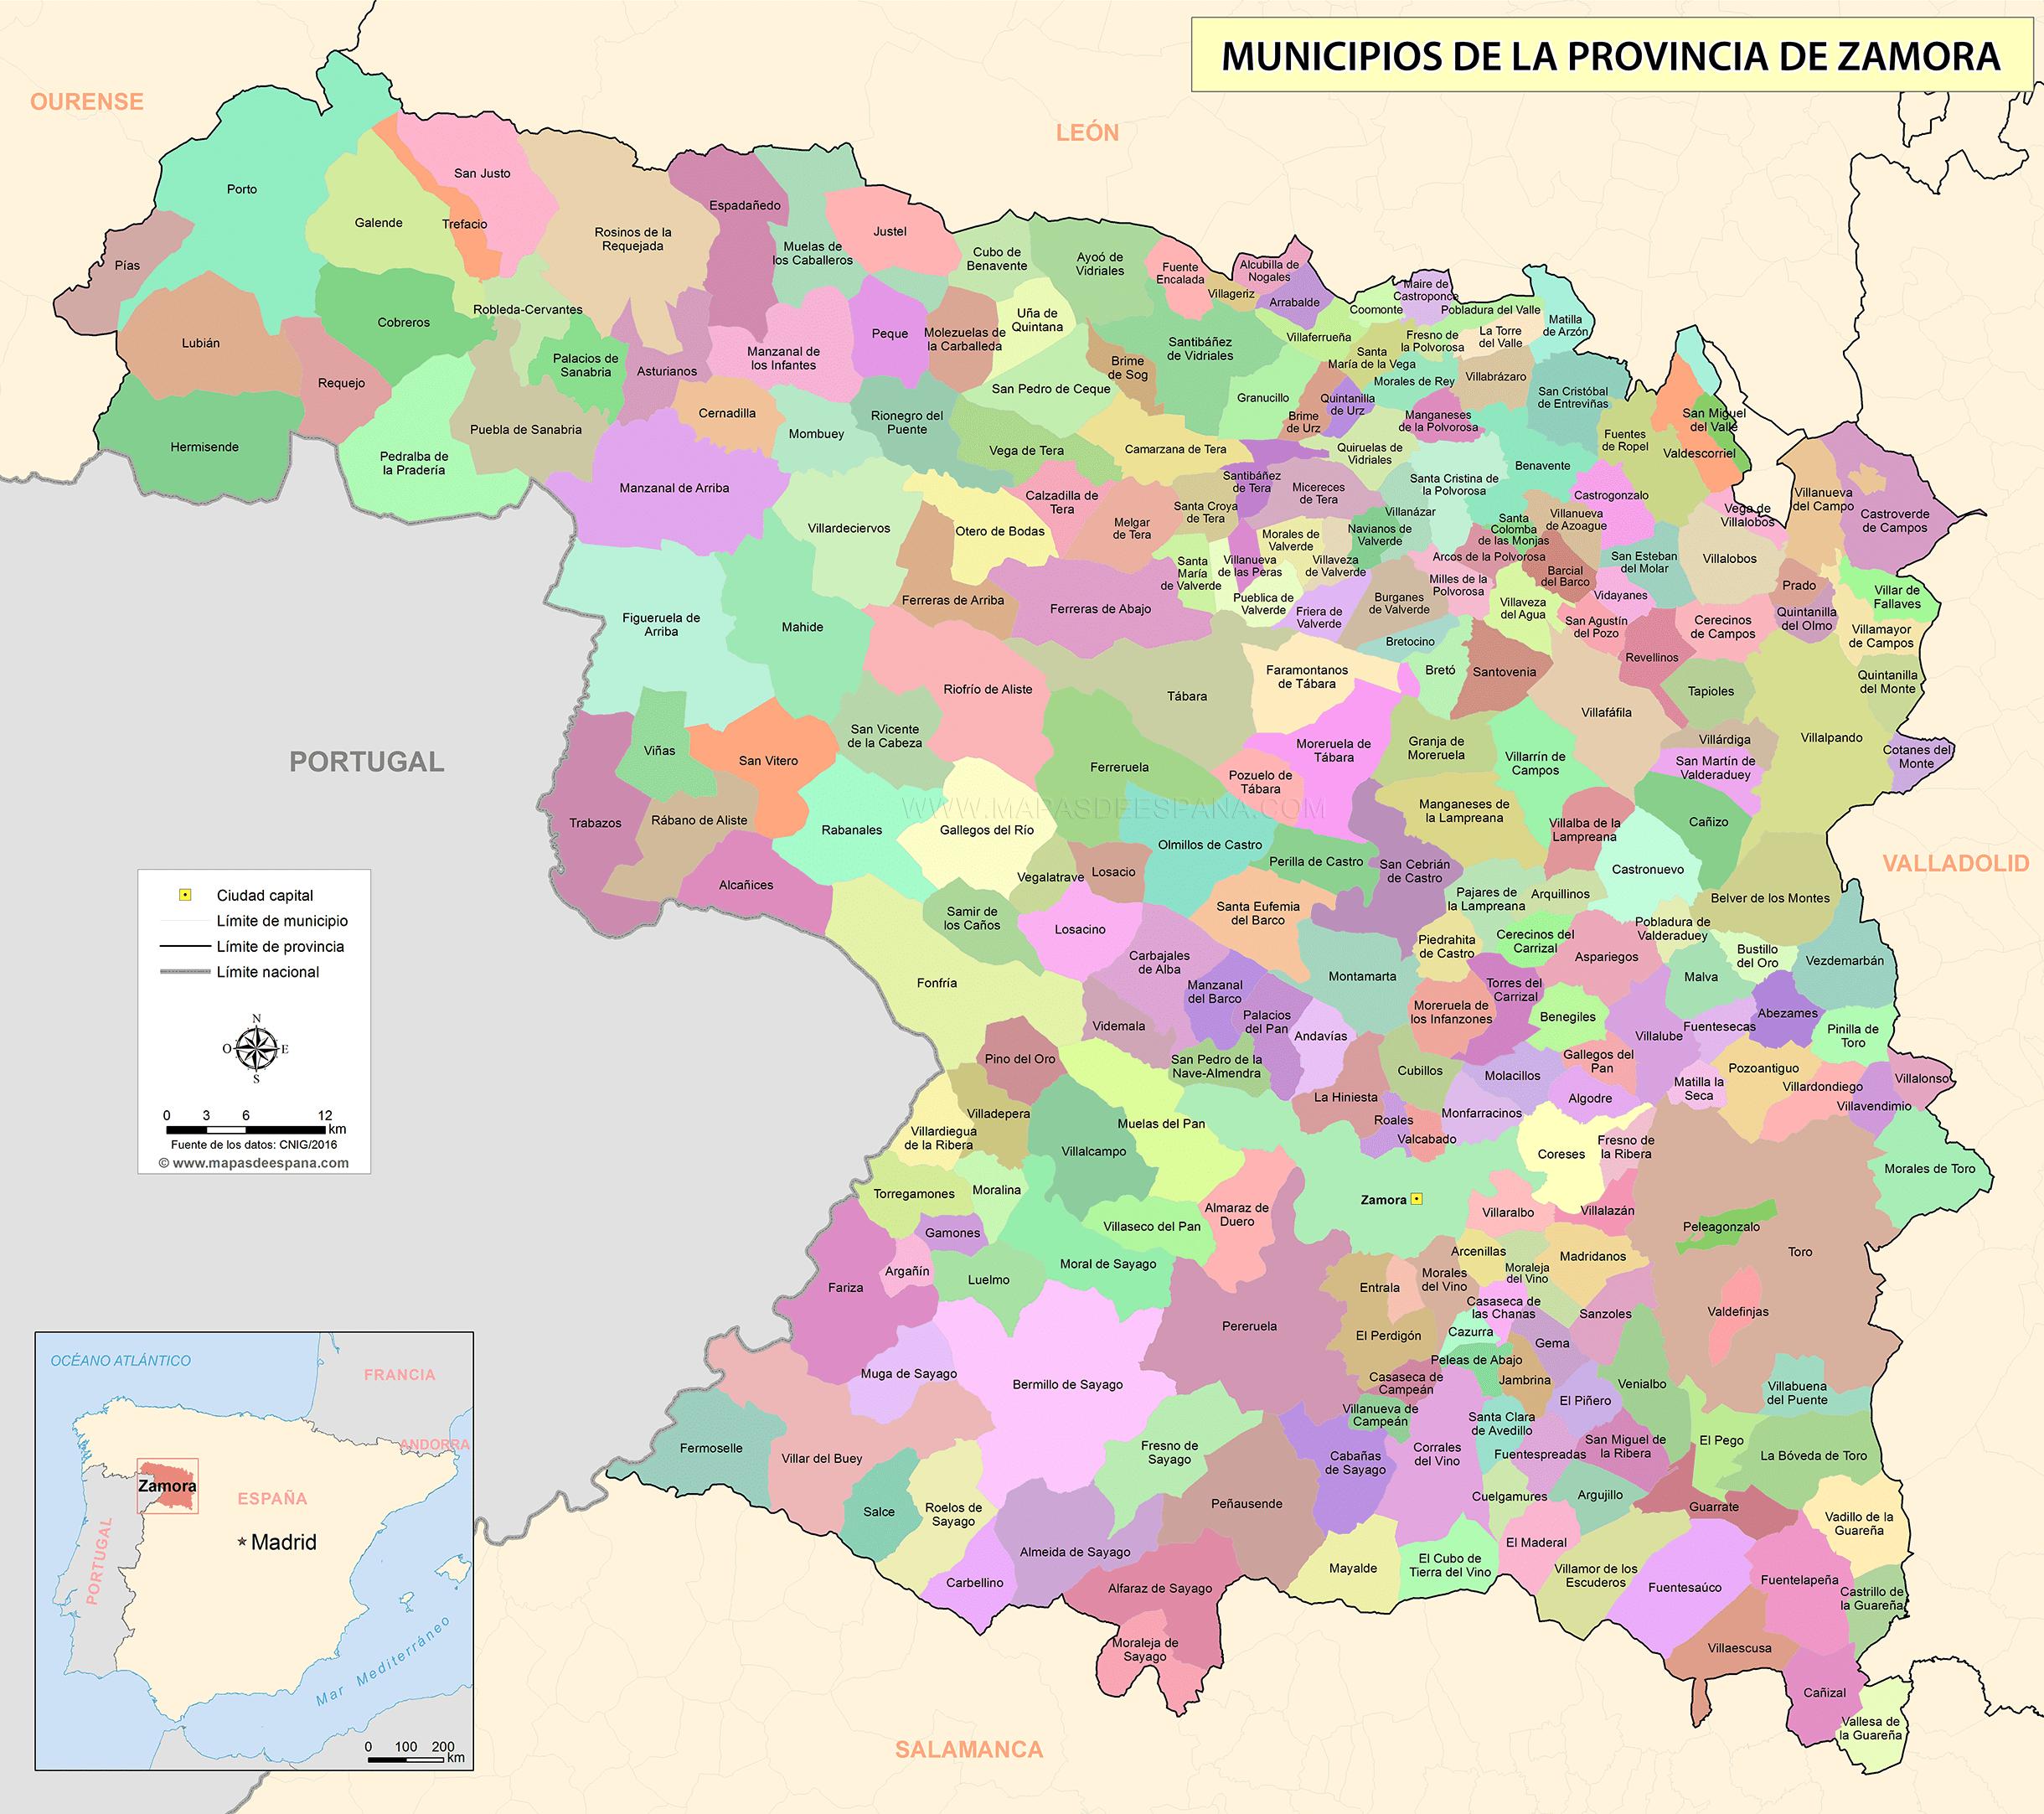 Mapa De Zamora Provincia.Mapa De La Provincia De Zamora